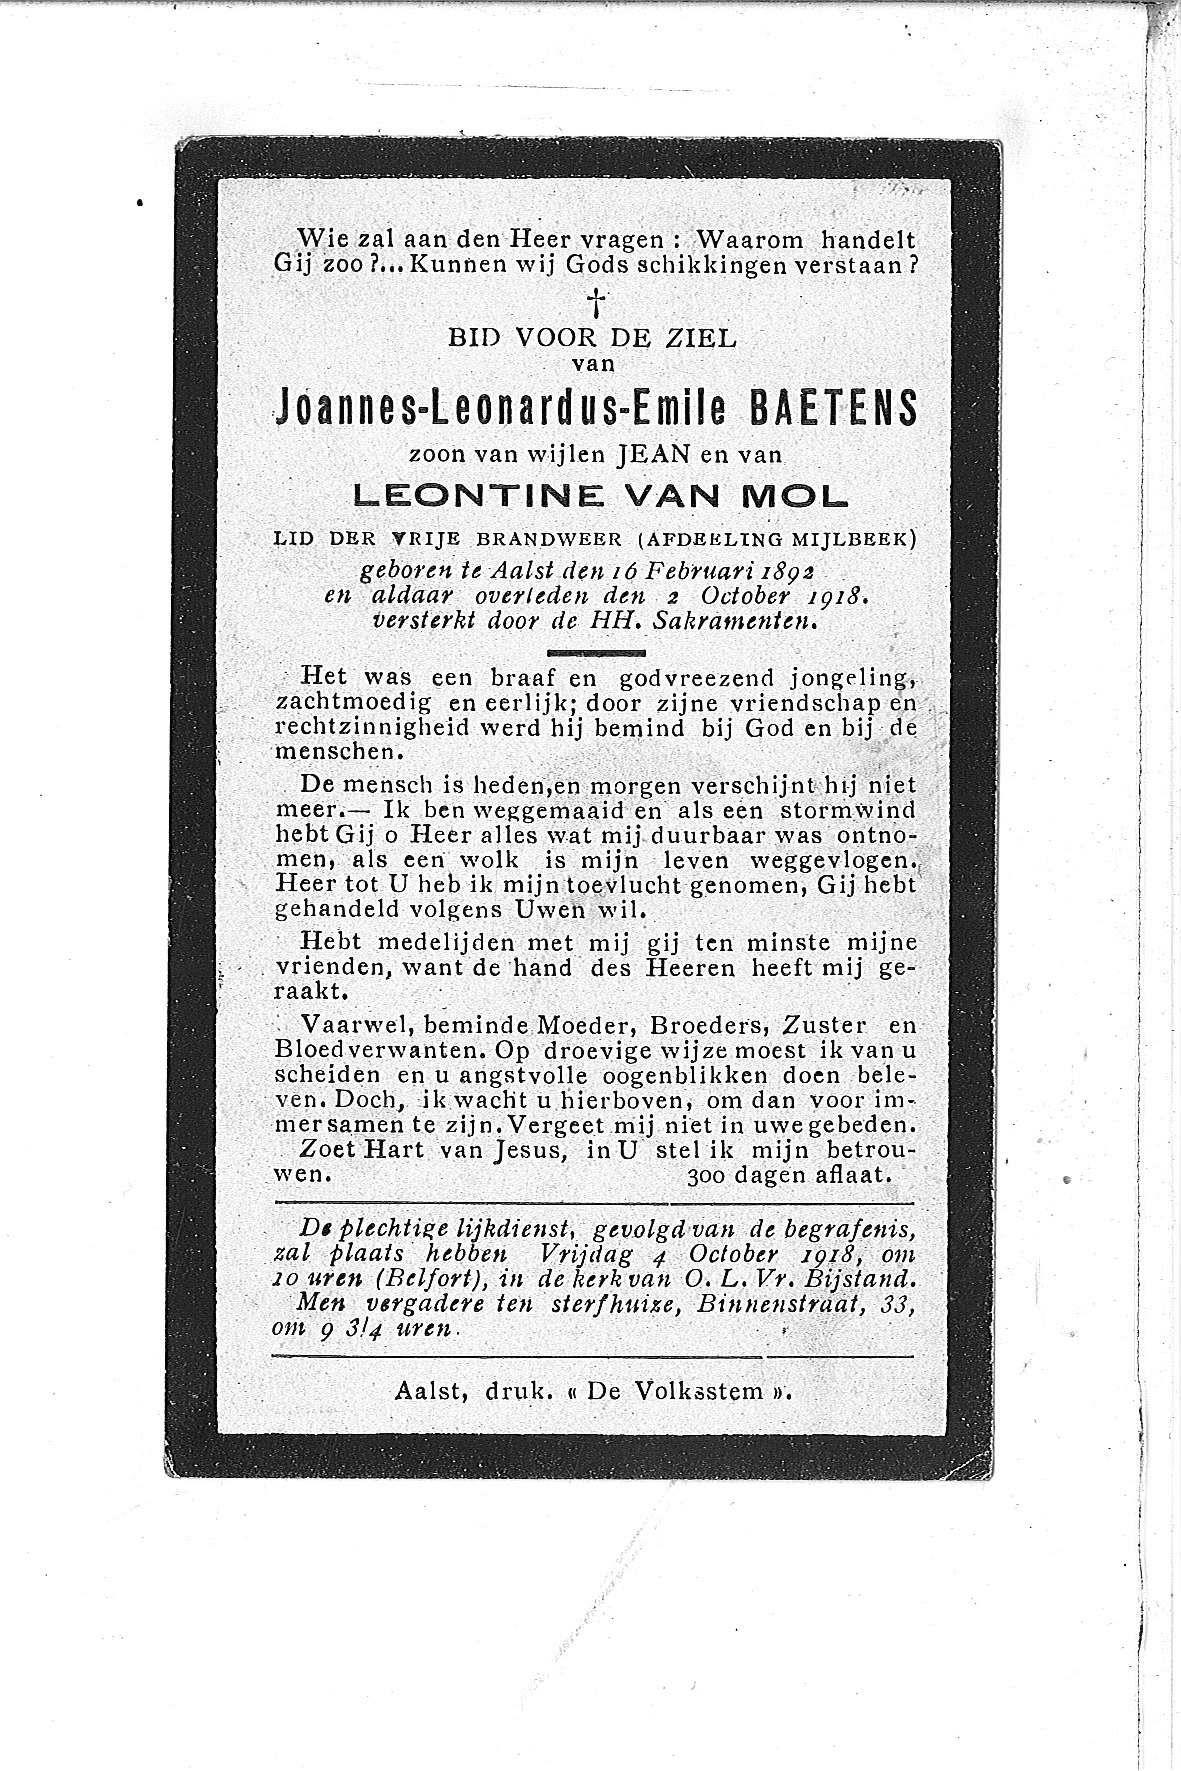 Joannes-Leonardus-Emile(1918)20101004091156_00018.jpg